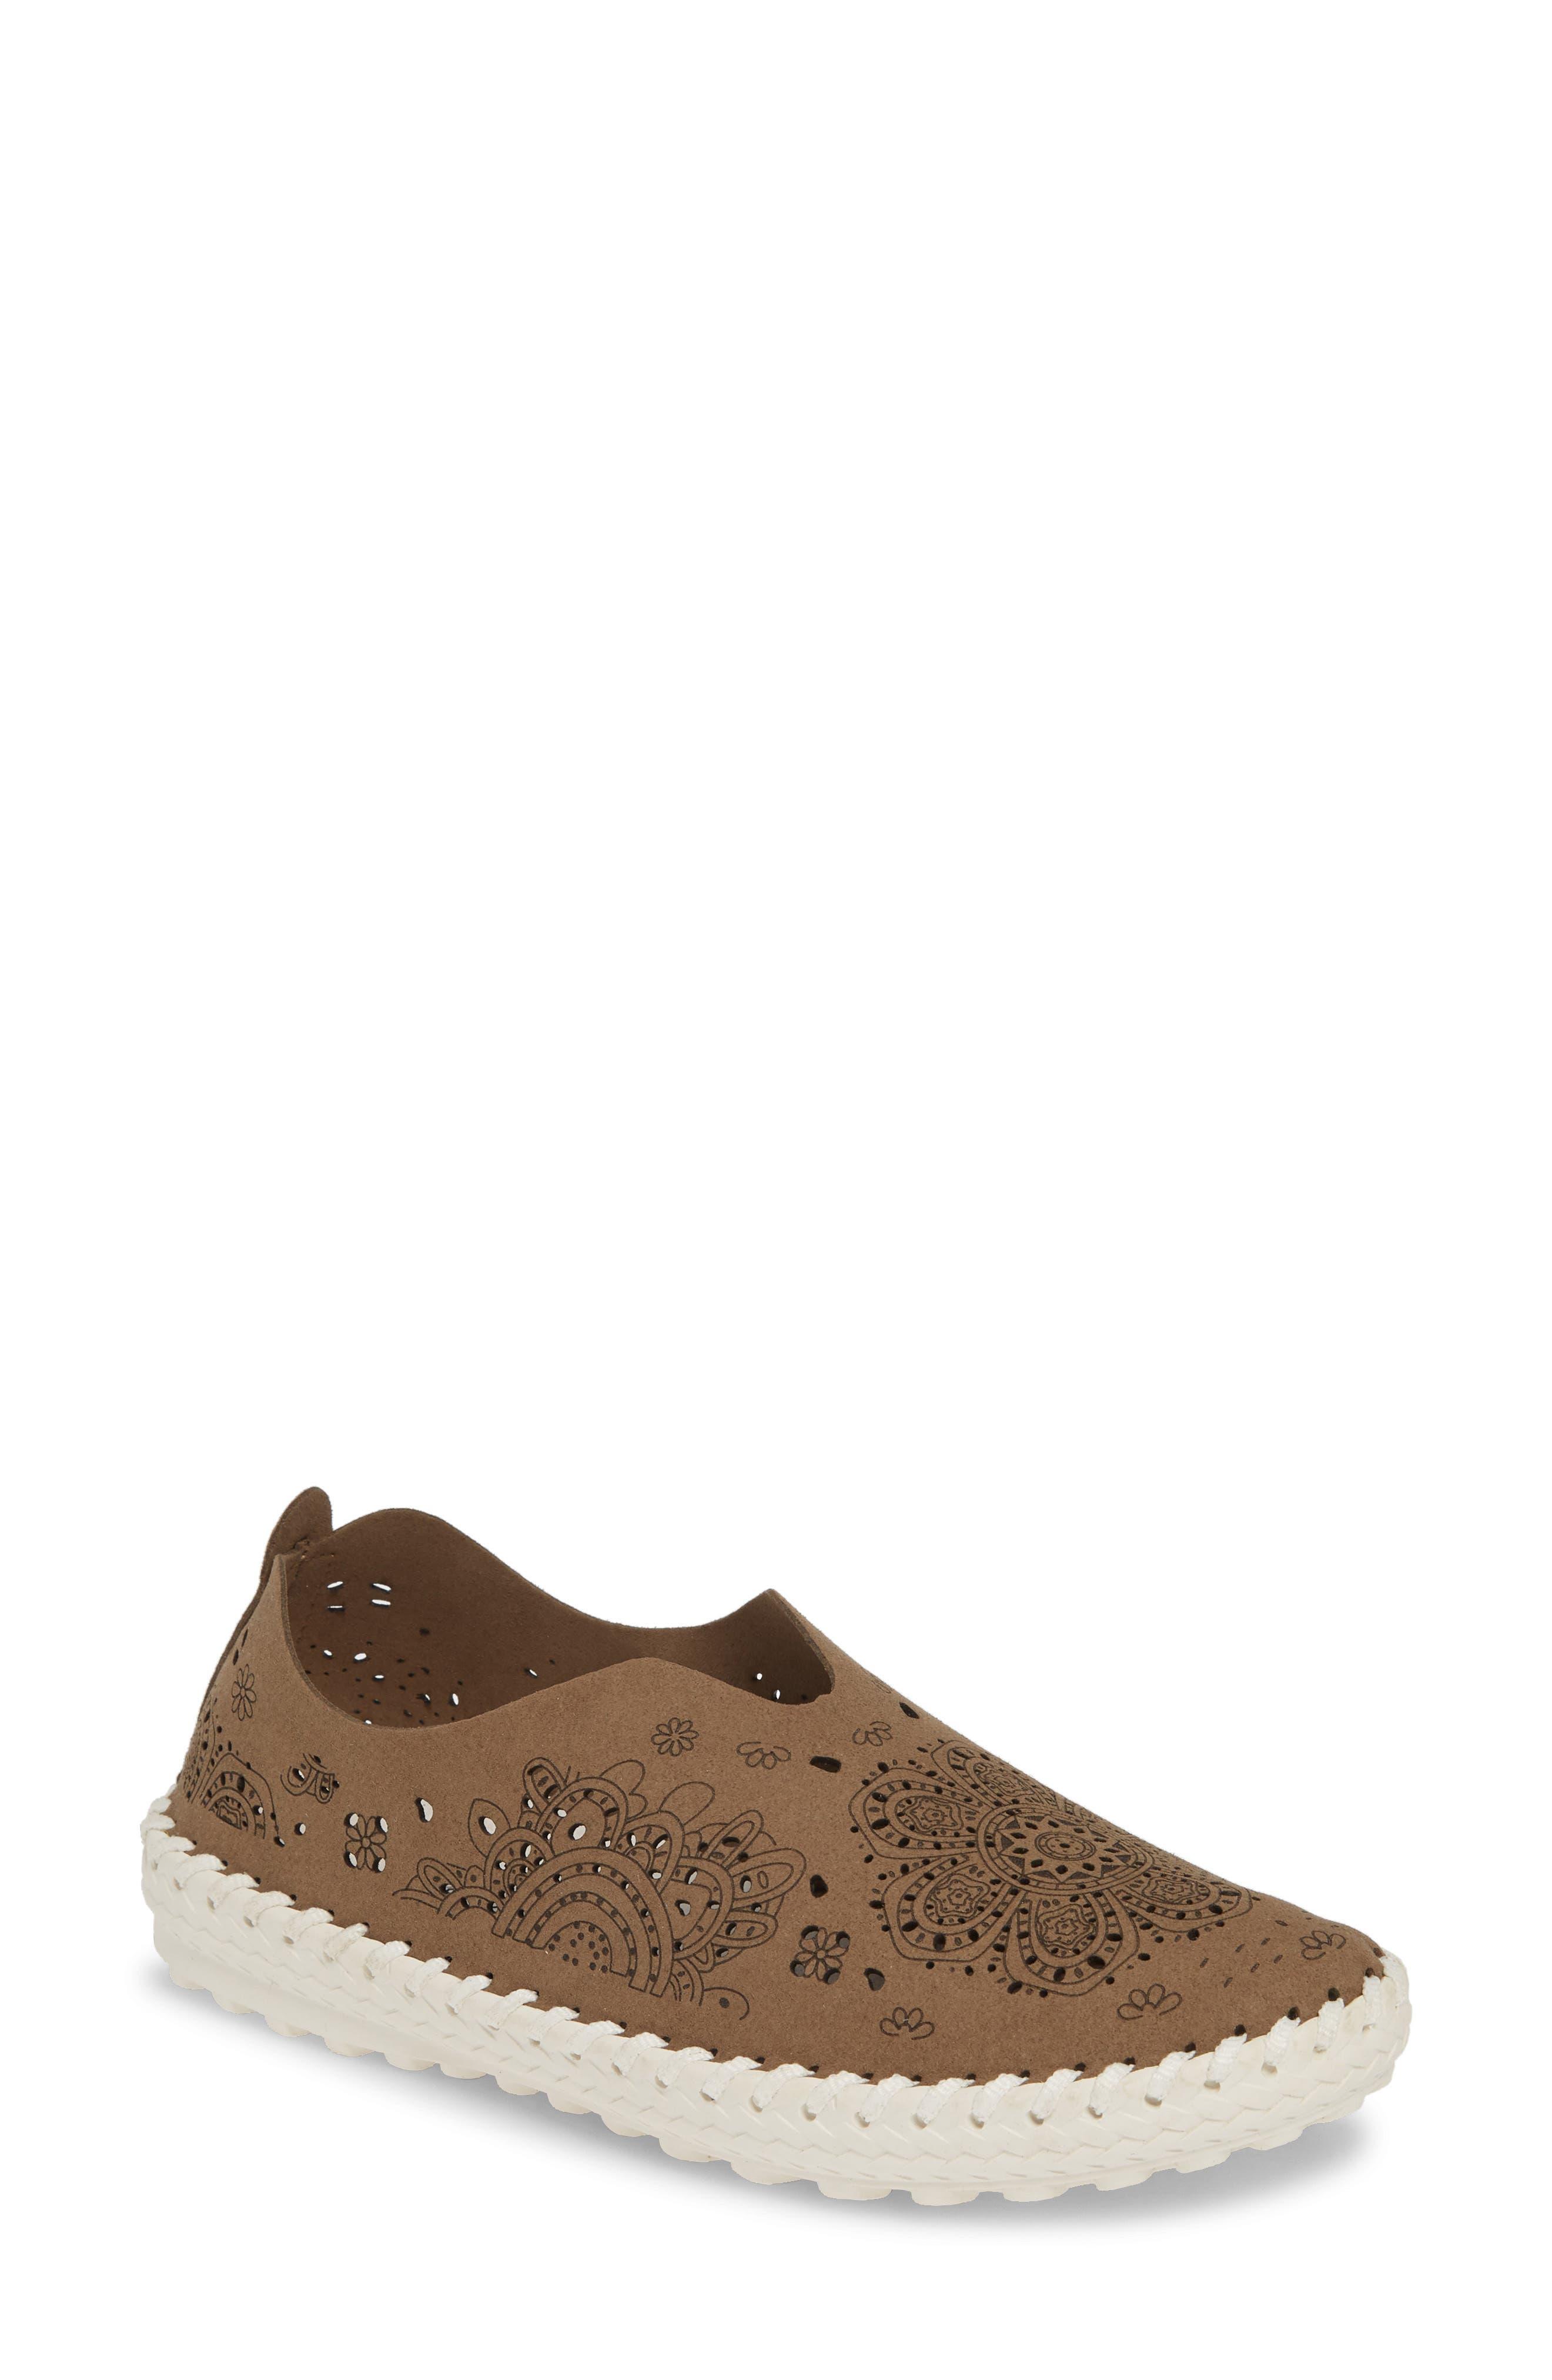 TW09 Slip-On Sneaker